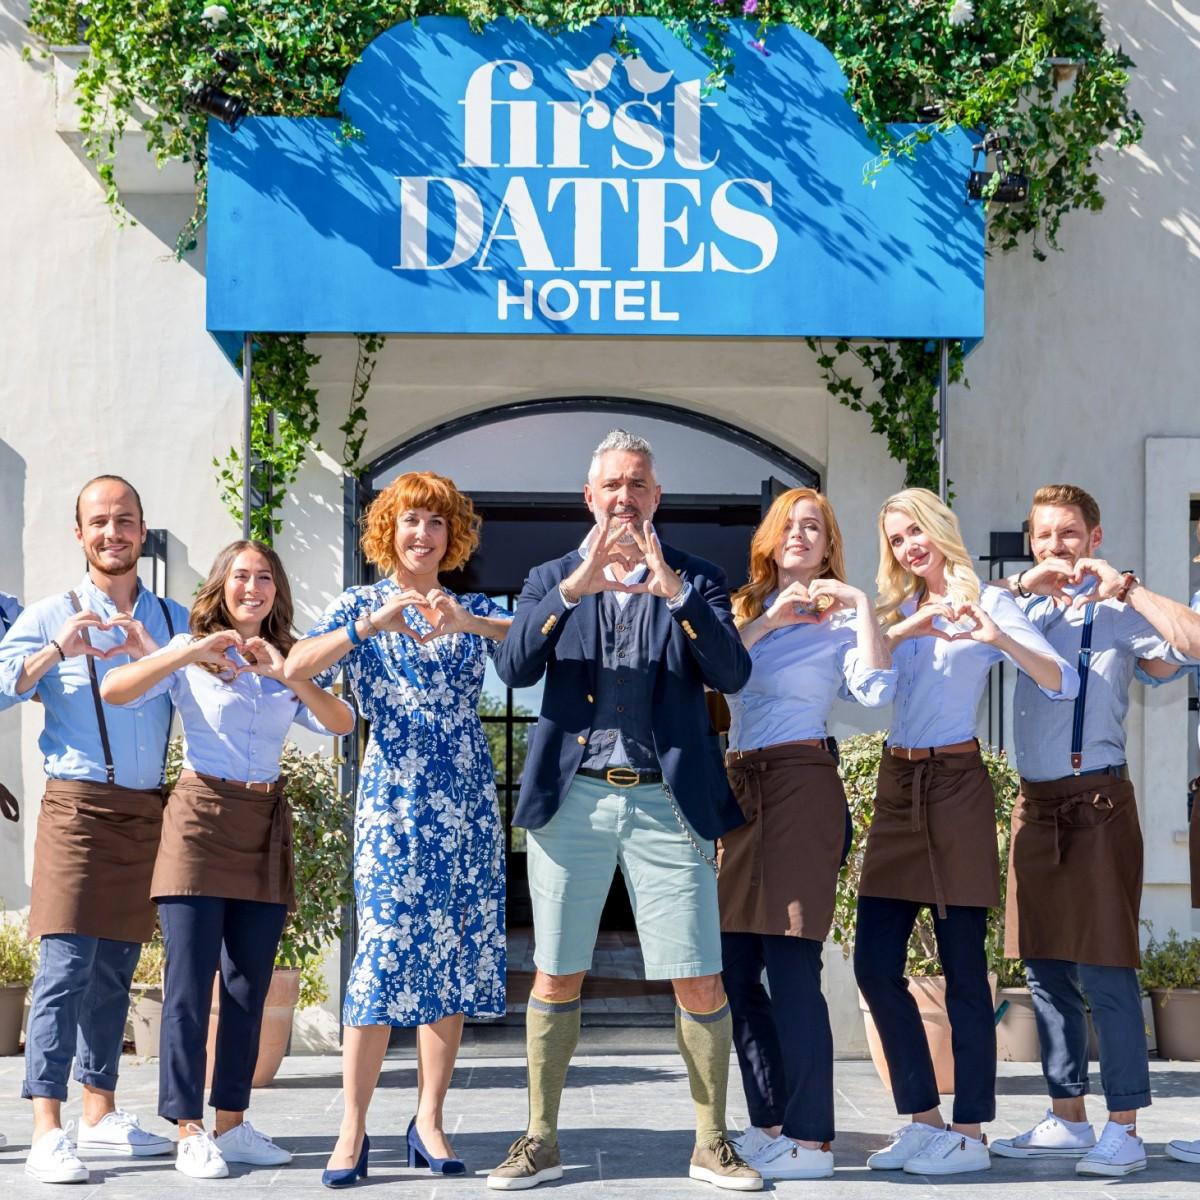 First Dates Hotel Vox Gibt Zweite Staffel In Auftrag Dating Doku Geht In Die Nachste Runde Tv Wunschliste